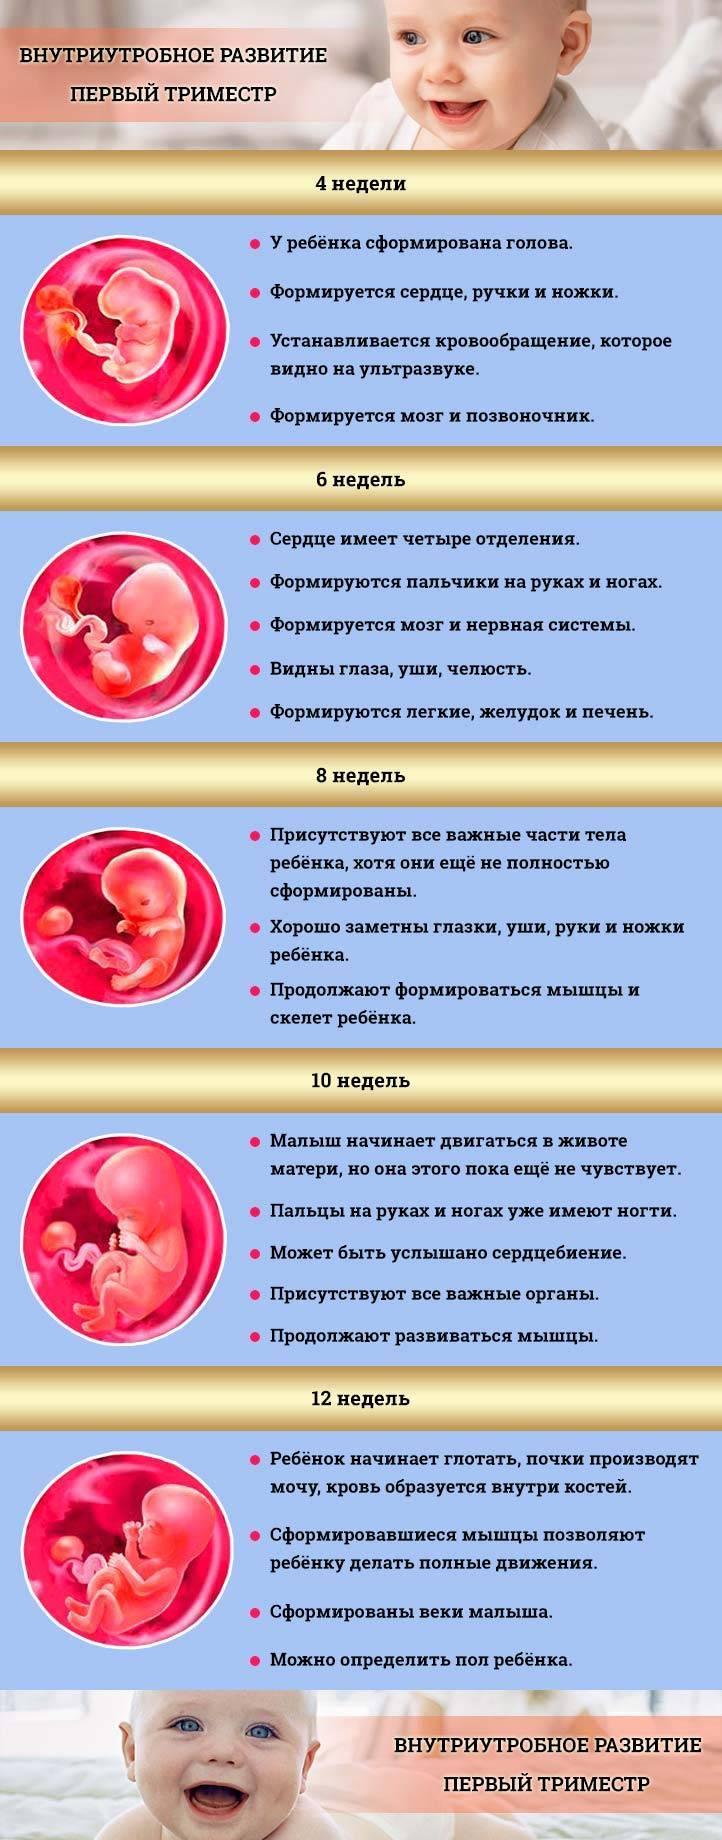 На какой неделе можно узнать по узи пол ребенка? 18 фото с 12 недели беременности можно ли определить мальчик это или девочка